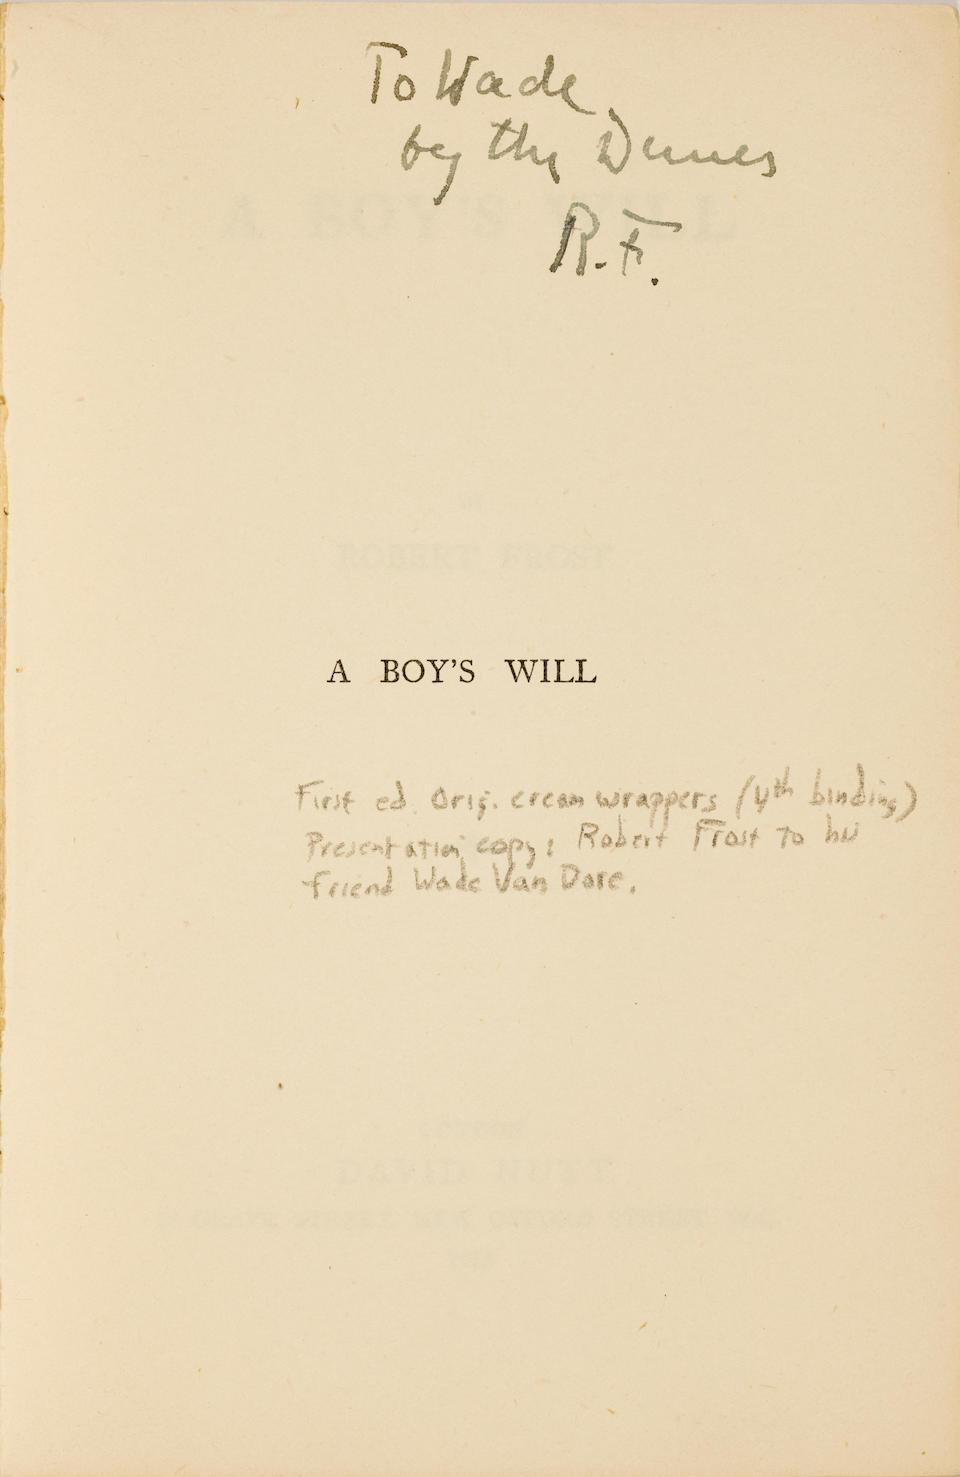 FROST, ROBERT. 1874-1963. A Boy's Will. London: David Nutt, 1913.